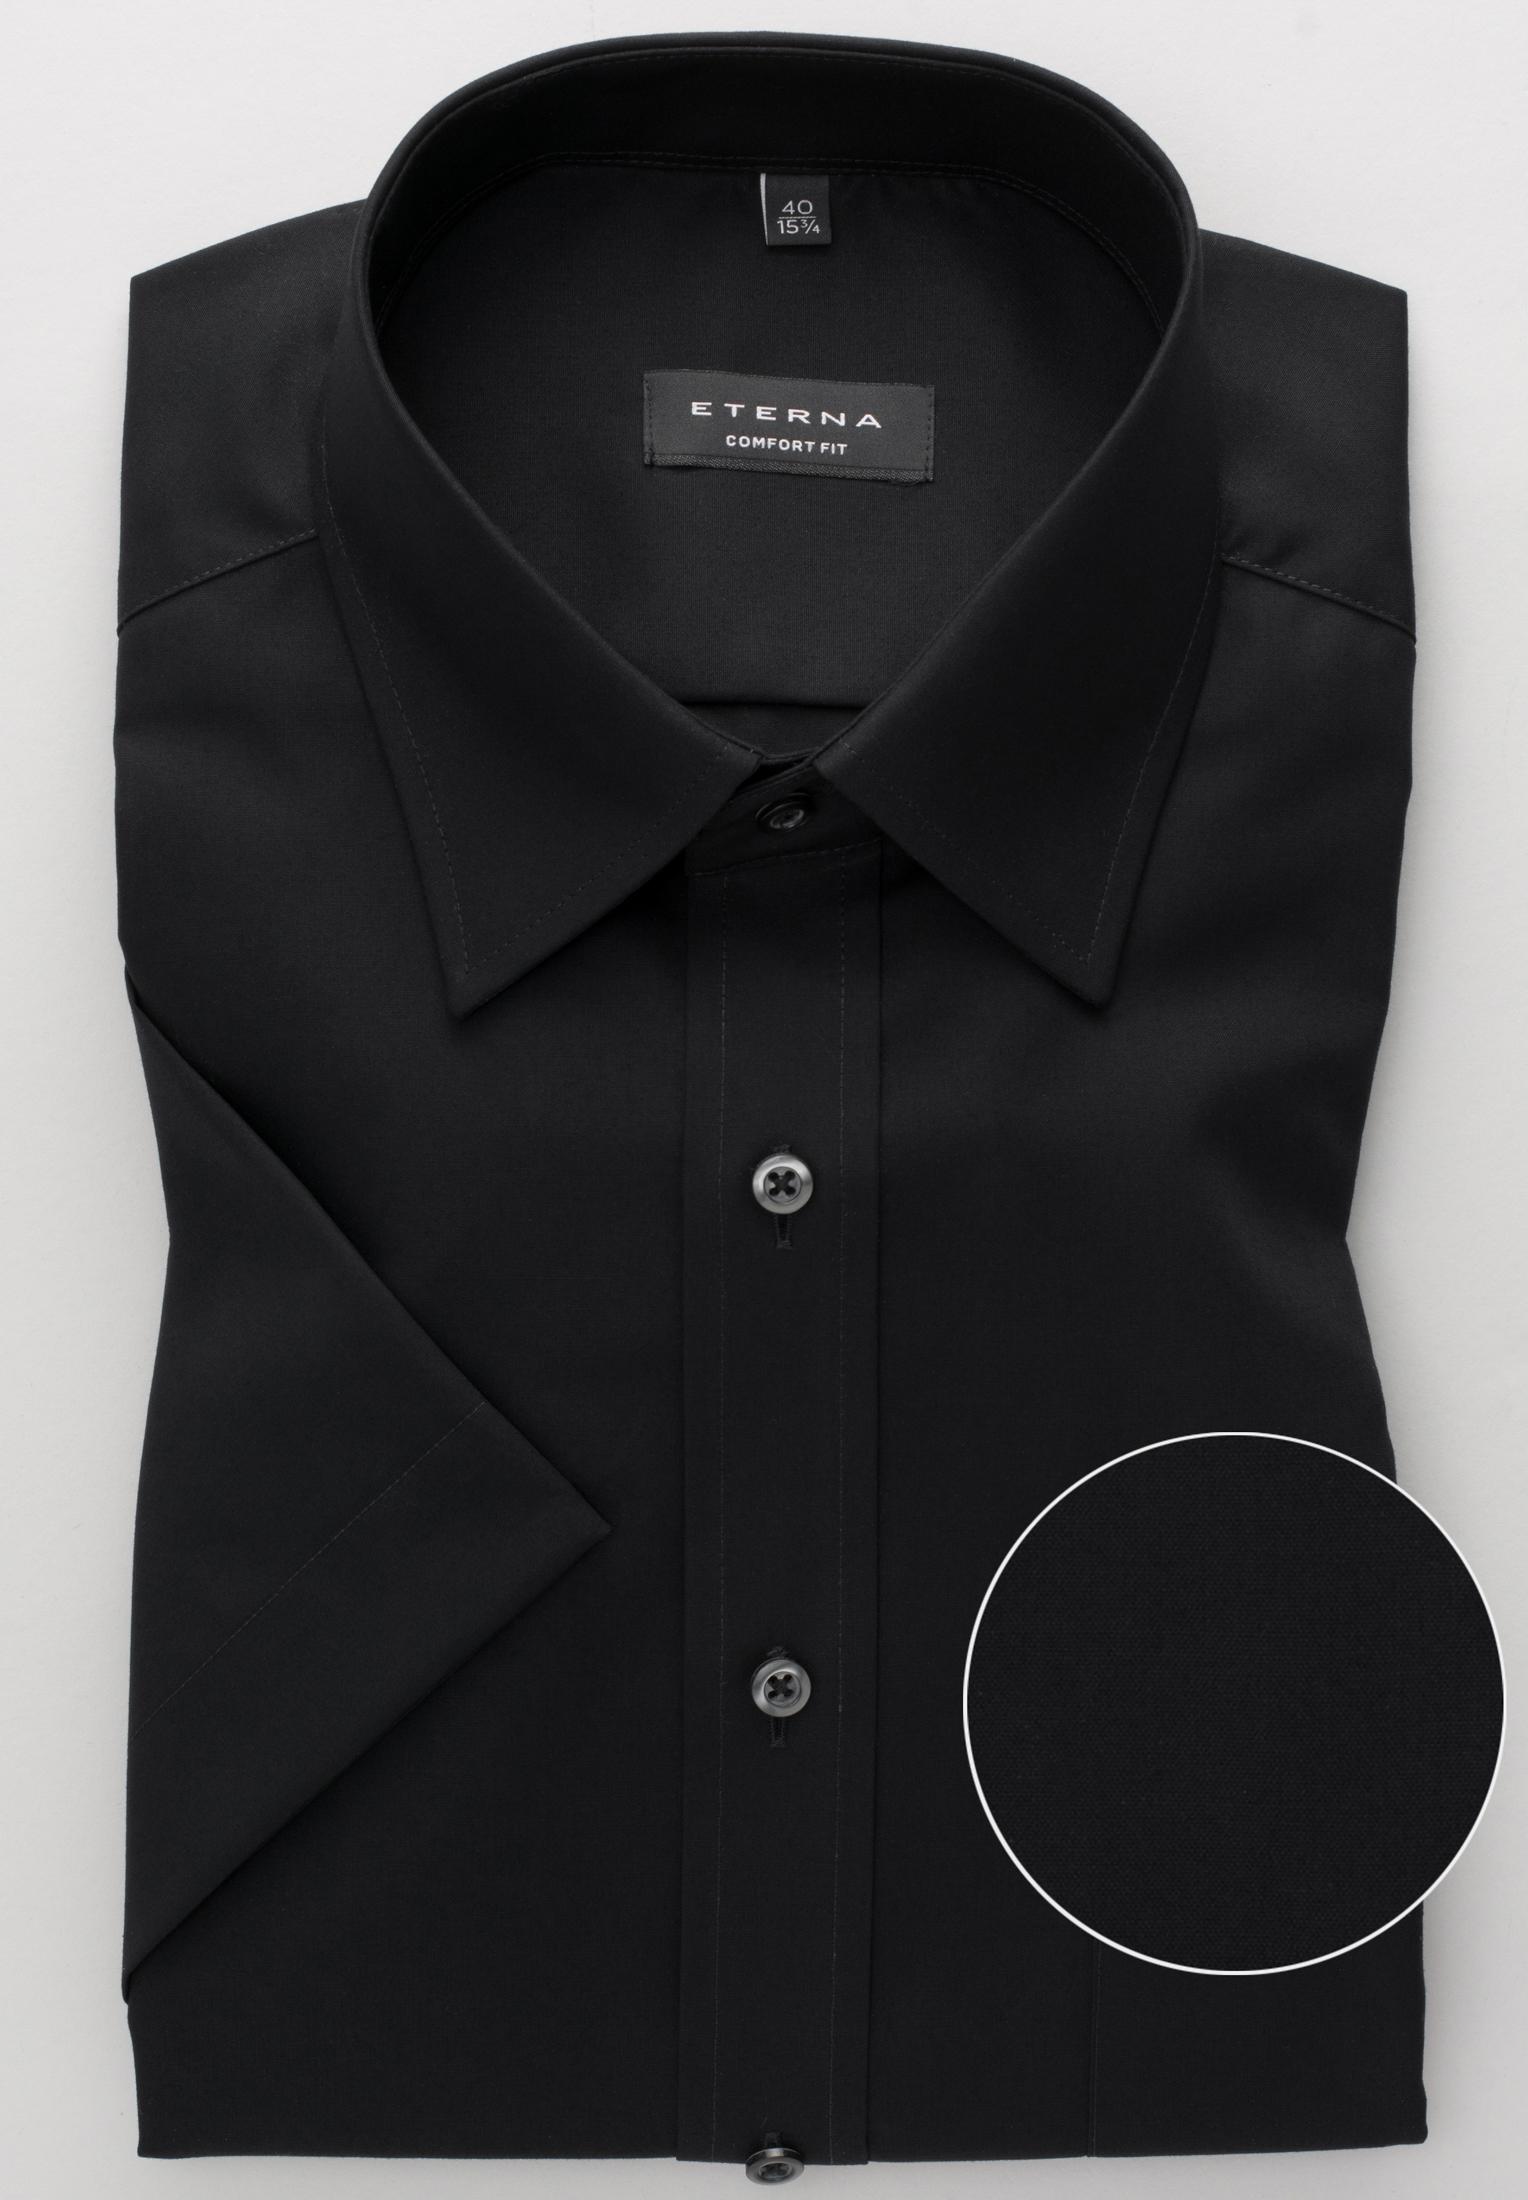 ETERNA 1100 Hemd Baumwolle schwarz Kurzarm